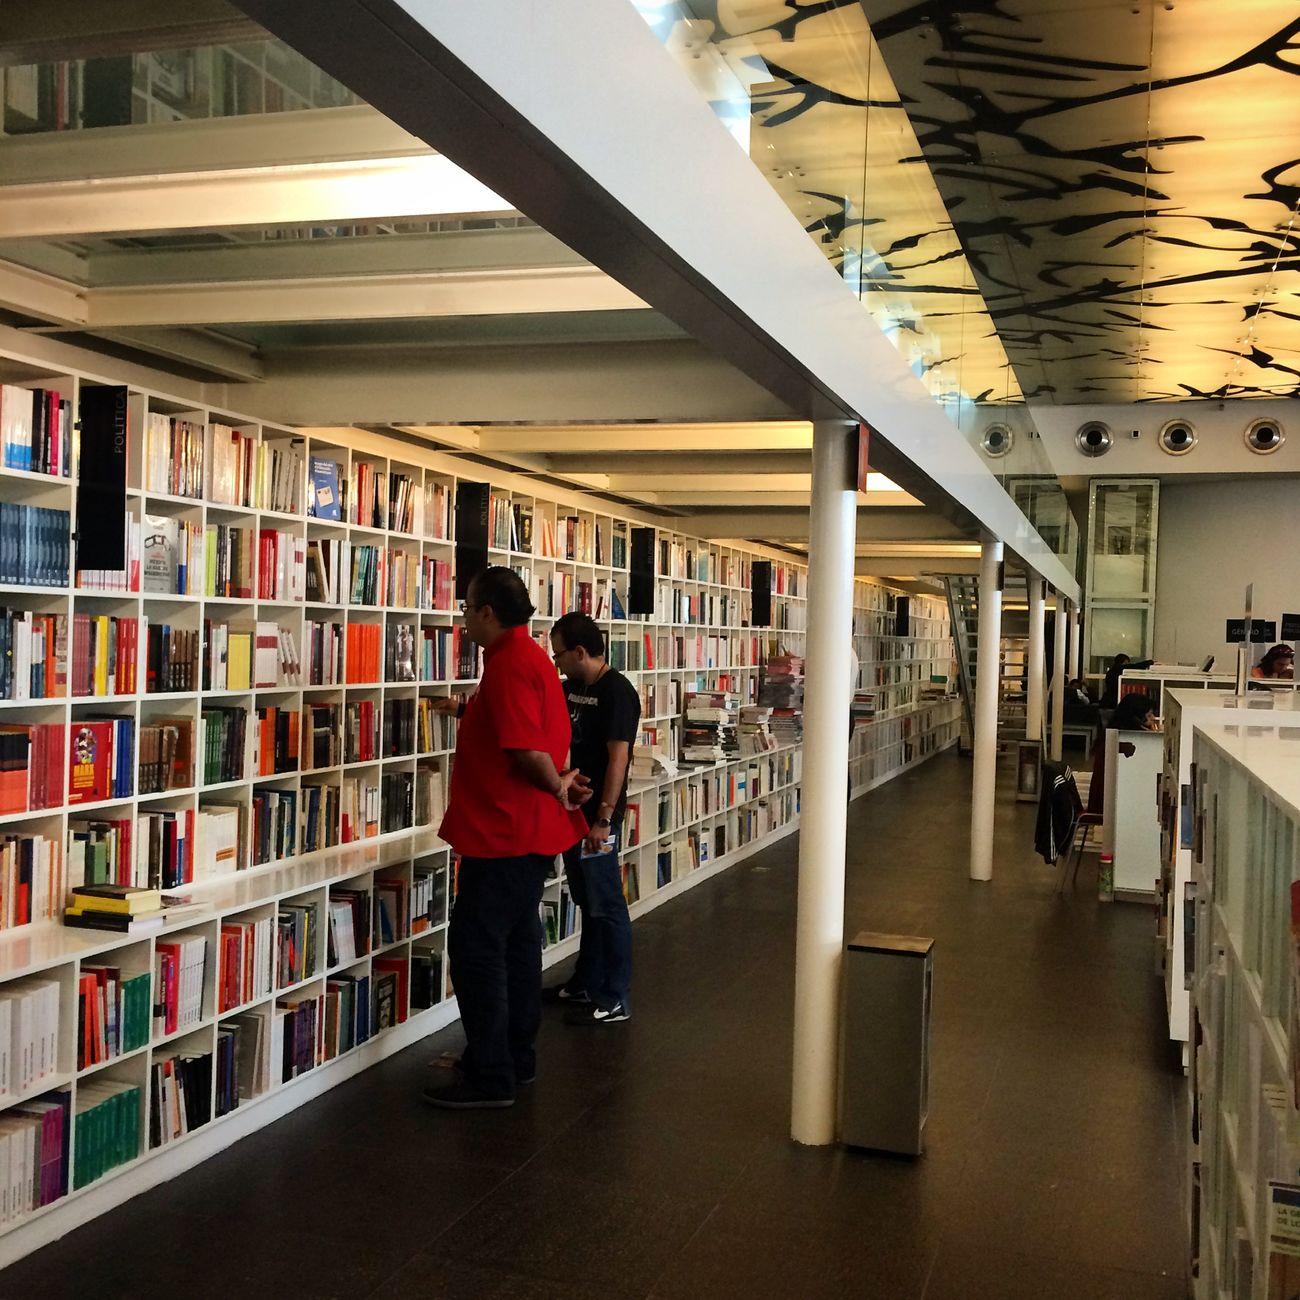 Books ♥ Reading A Book Urbanexploration FCE Mexico City Arquitecture Bookstore Book Books Library